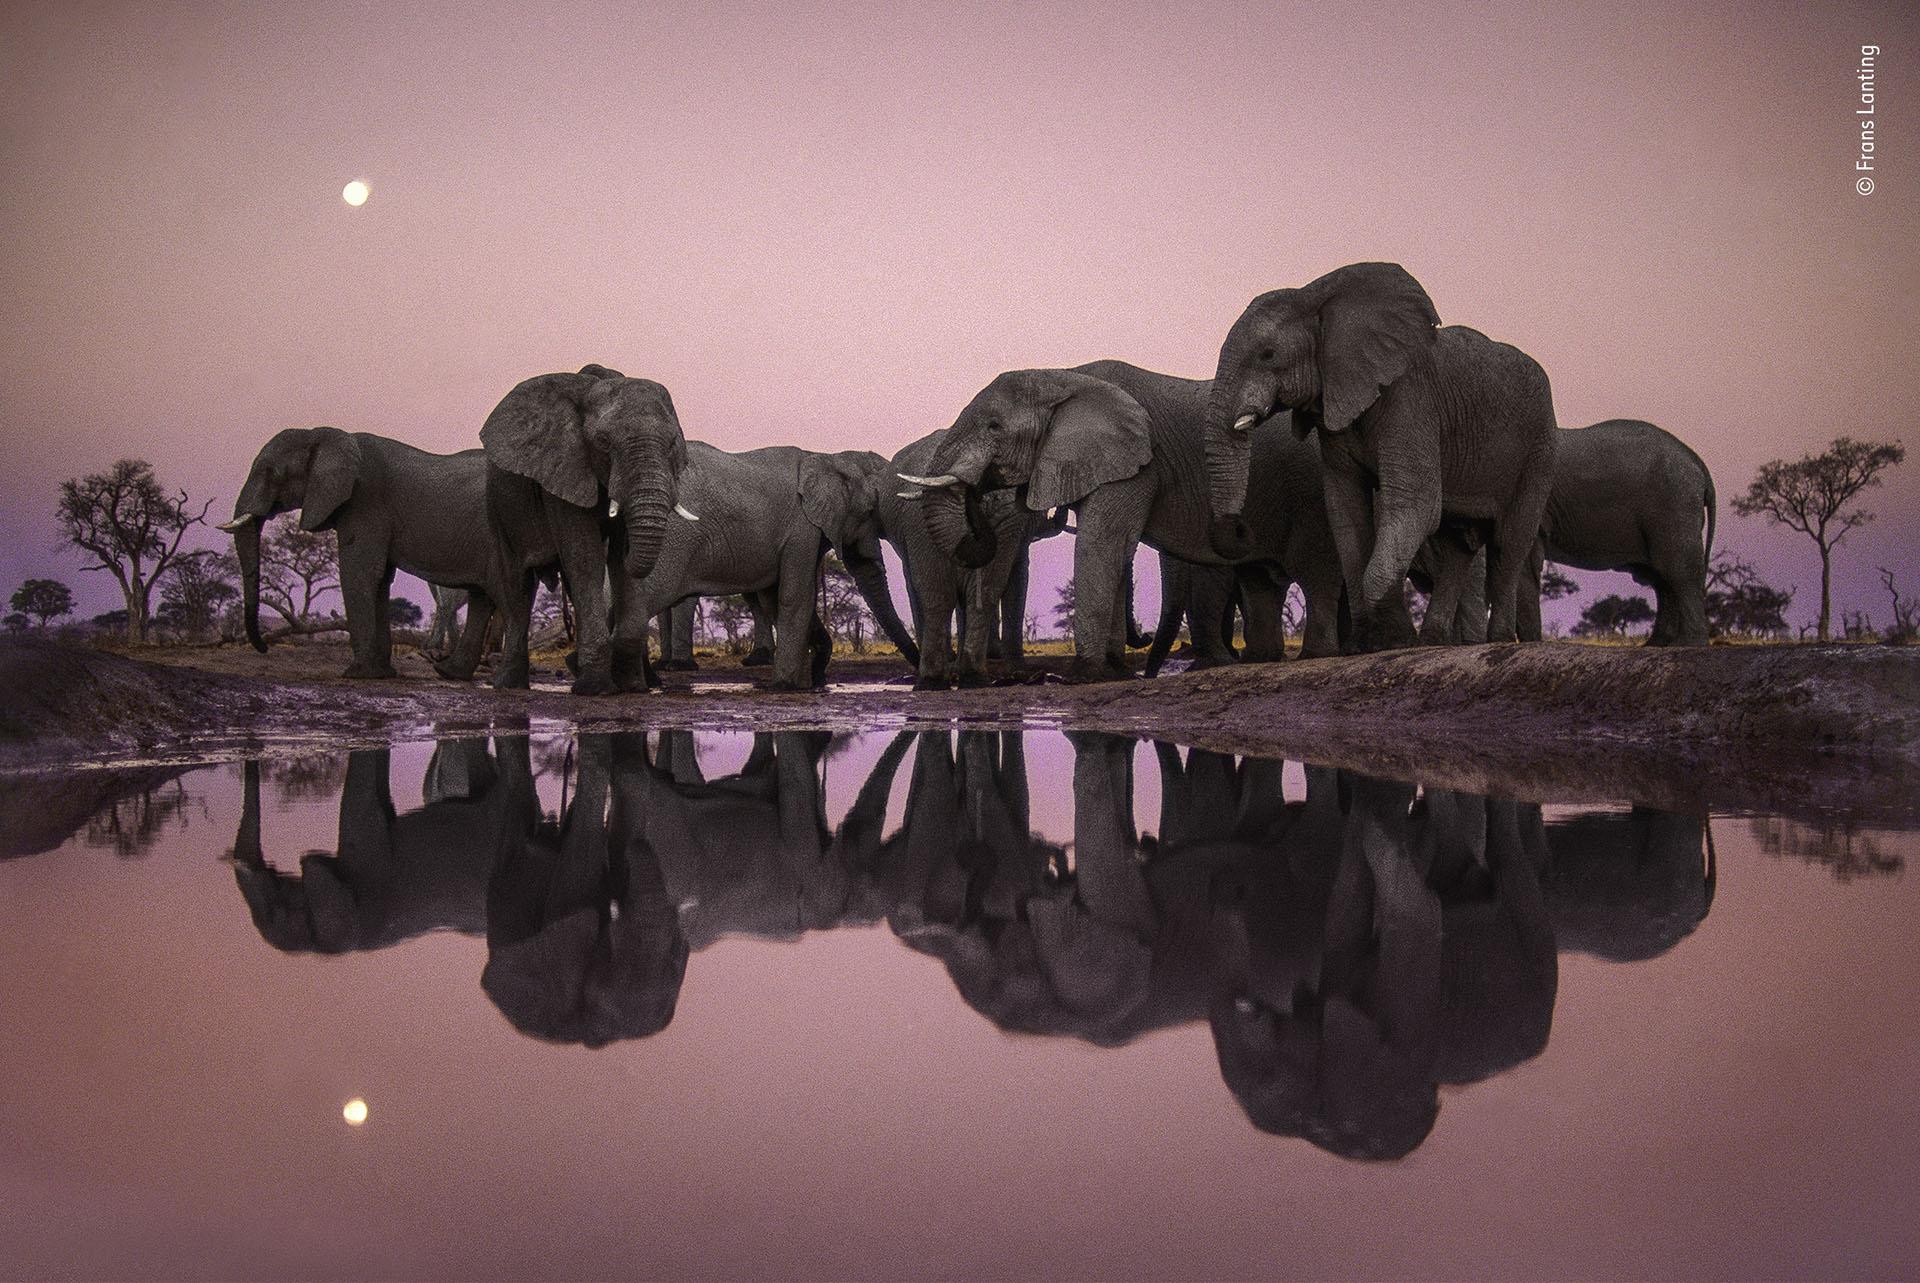 """Frans Lanting (Holanda), categoría Premio a la trayectoria. """"Elefantes al crepúsculo"""", una manada busca agua en la época de sequía en Botswana"""